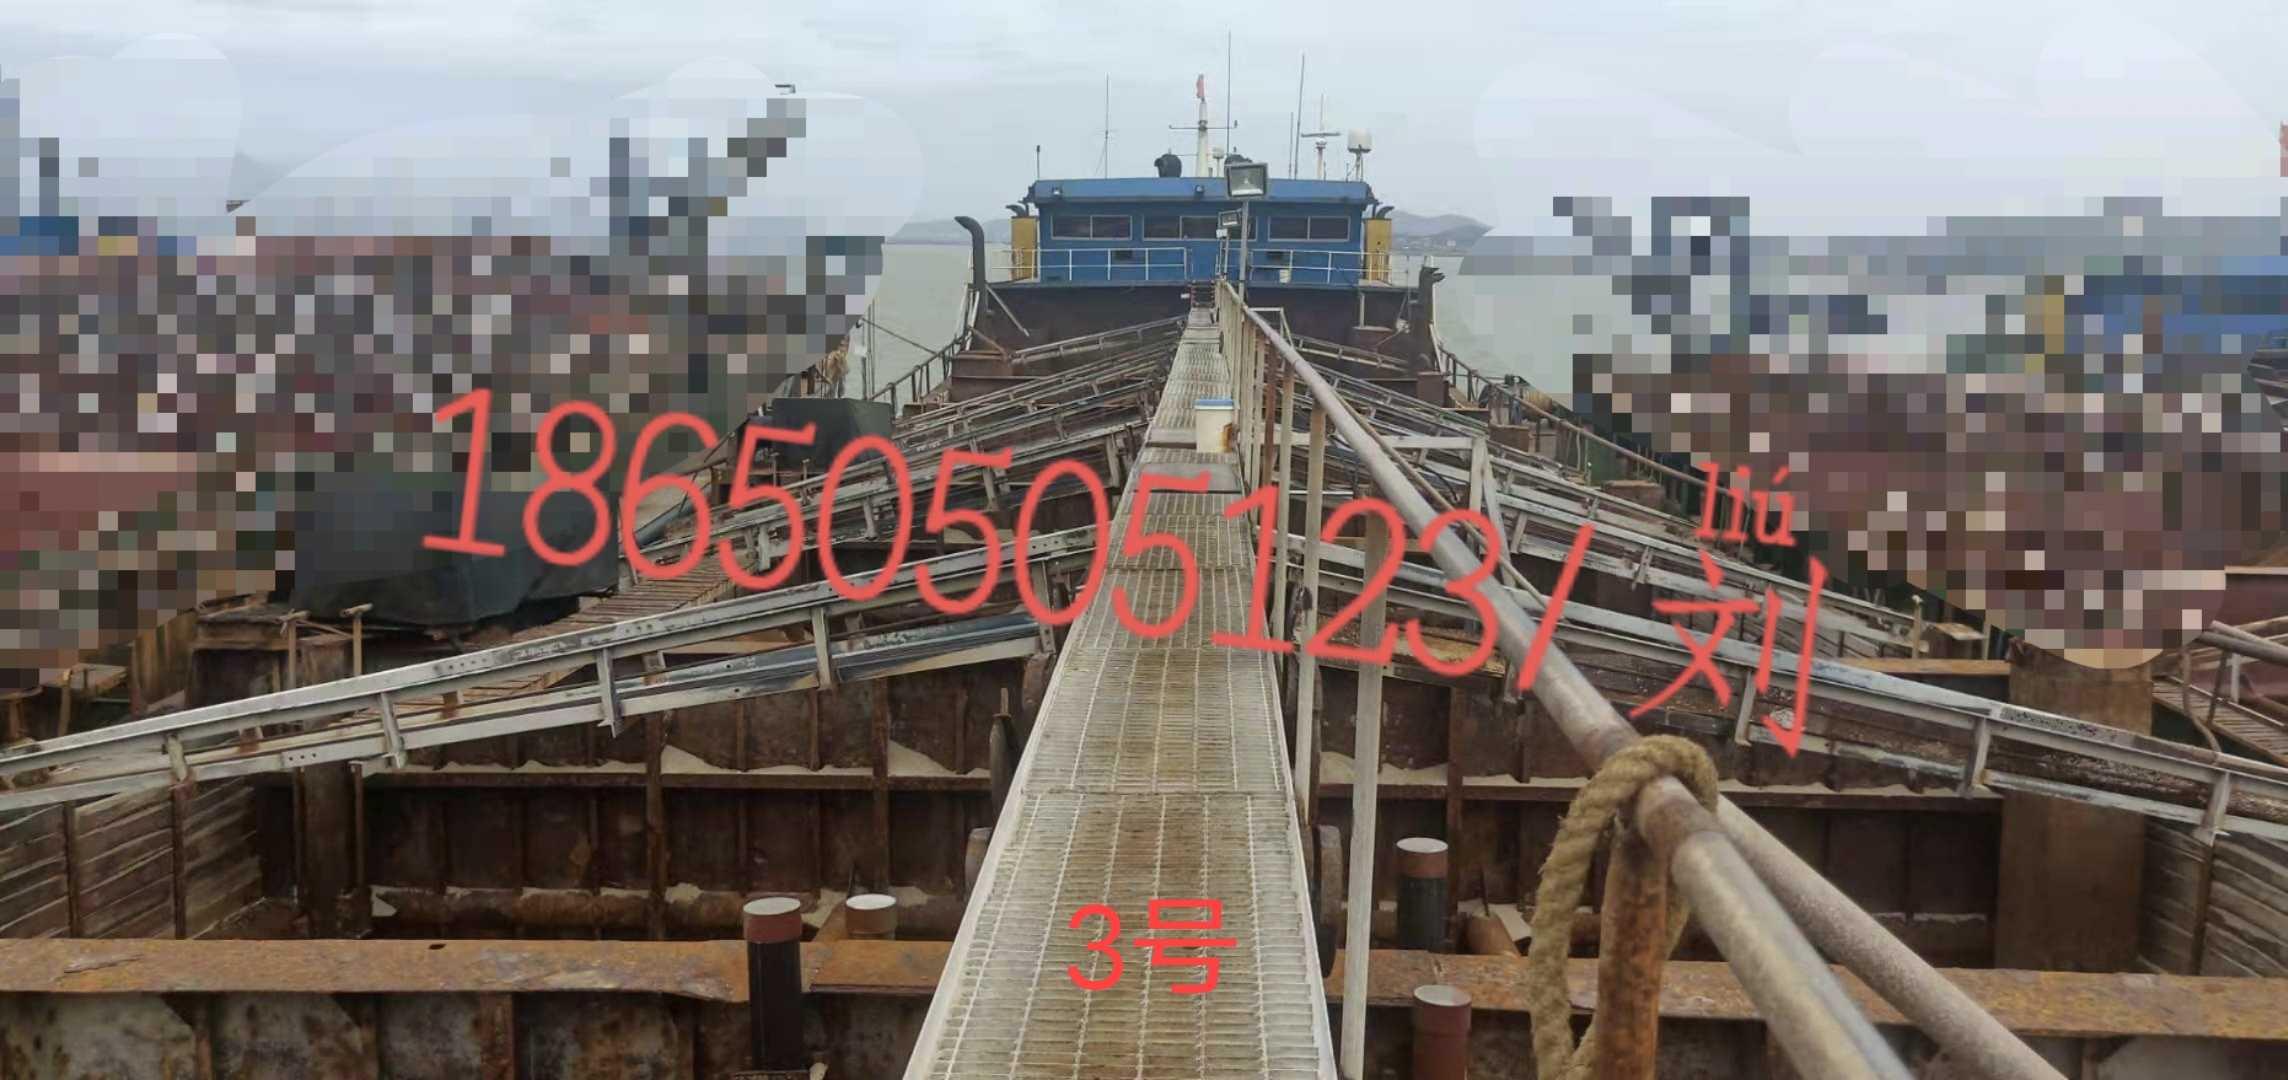 出售A级内河自吸自卸沙船-3800吨